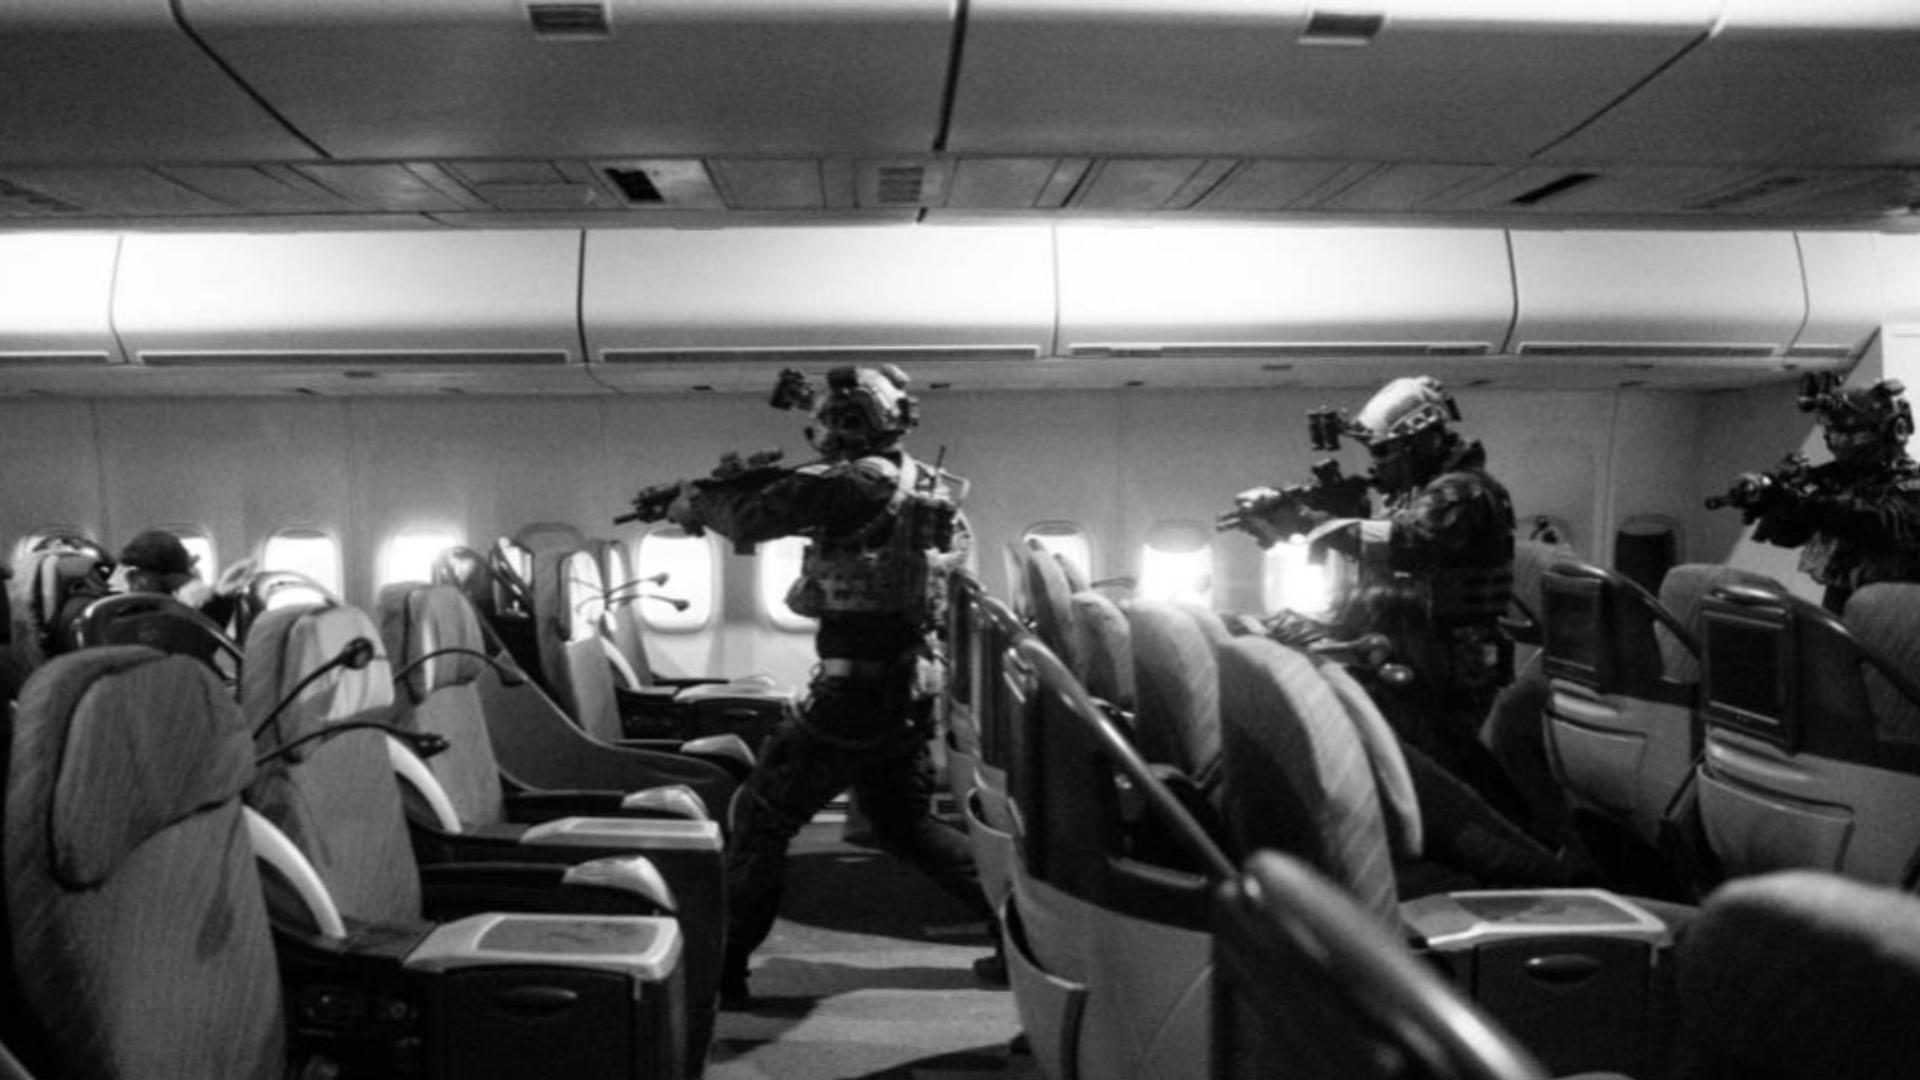 反劫机训练影片_RazorSquad锋